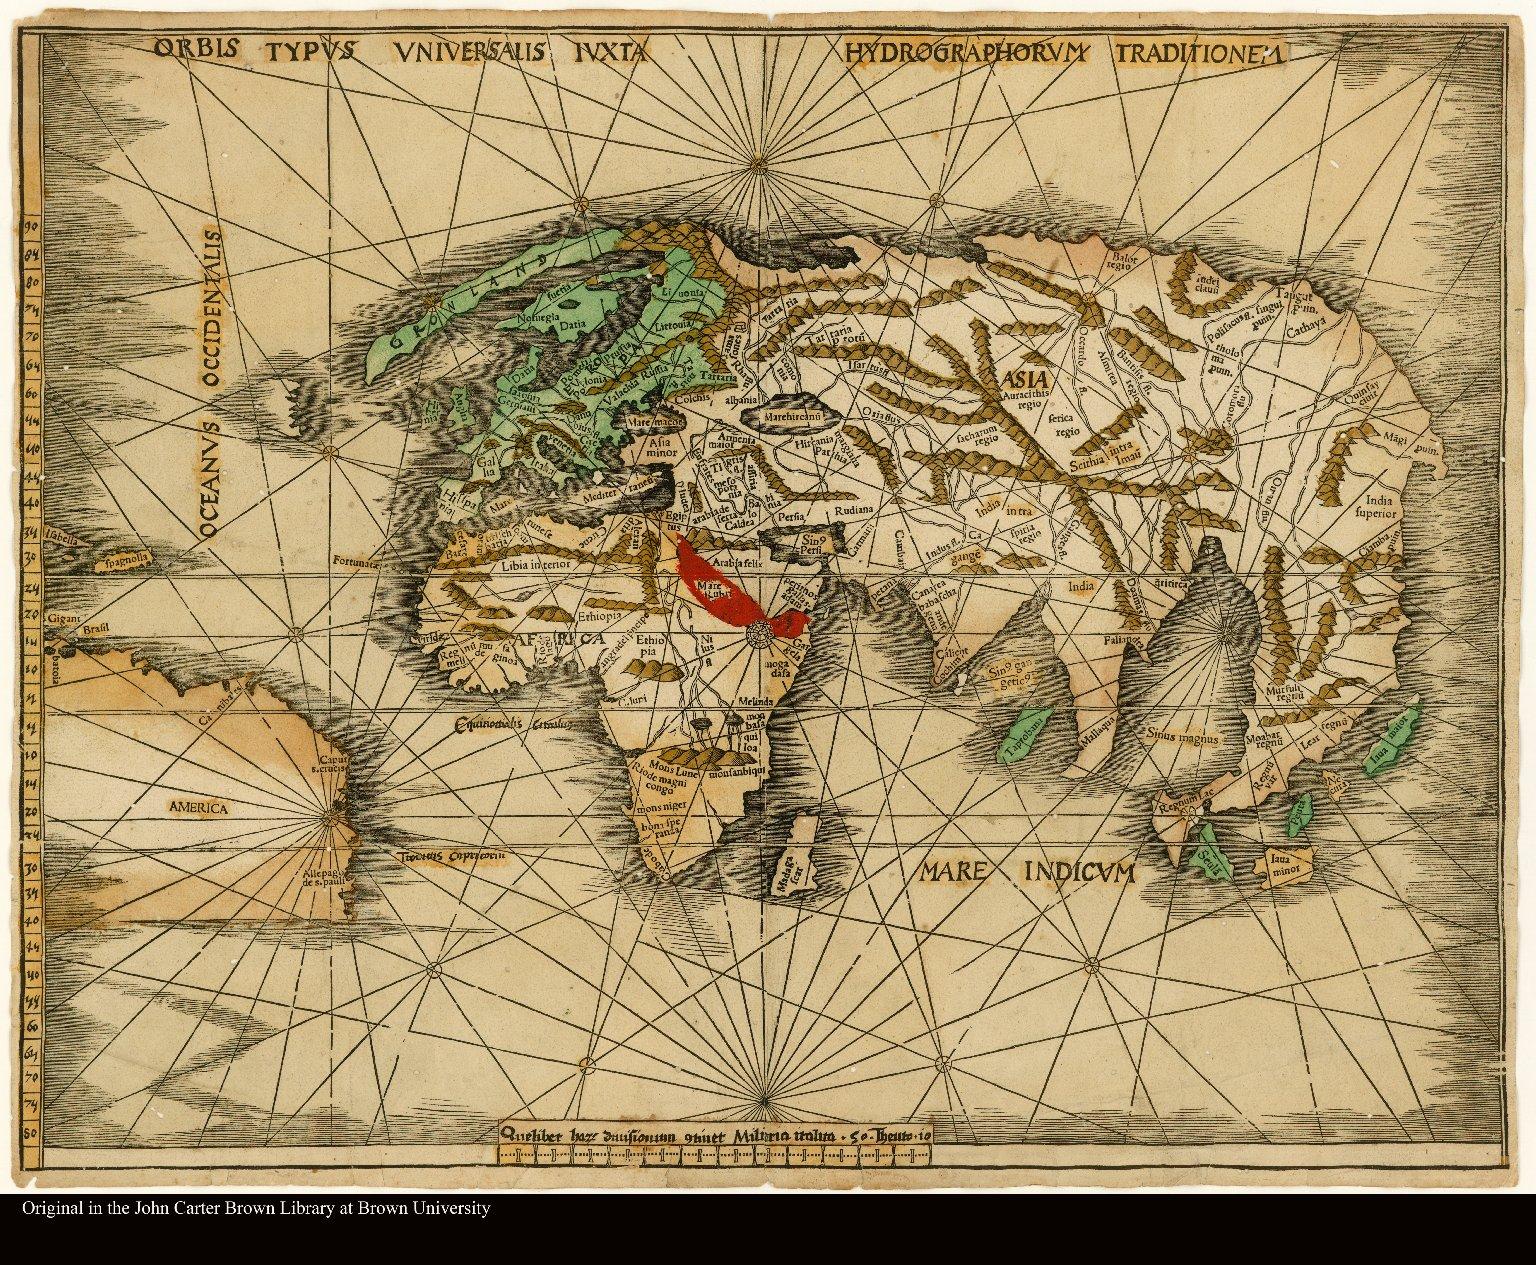 Orbis Typus Universalis Iuxta Hydrographorum Traditionem